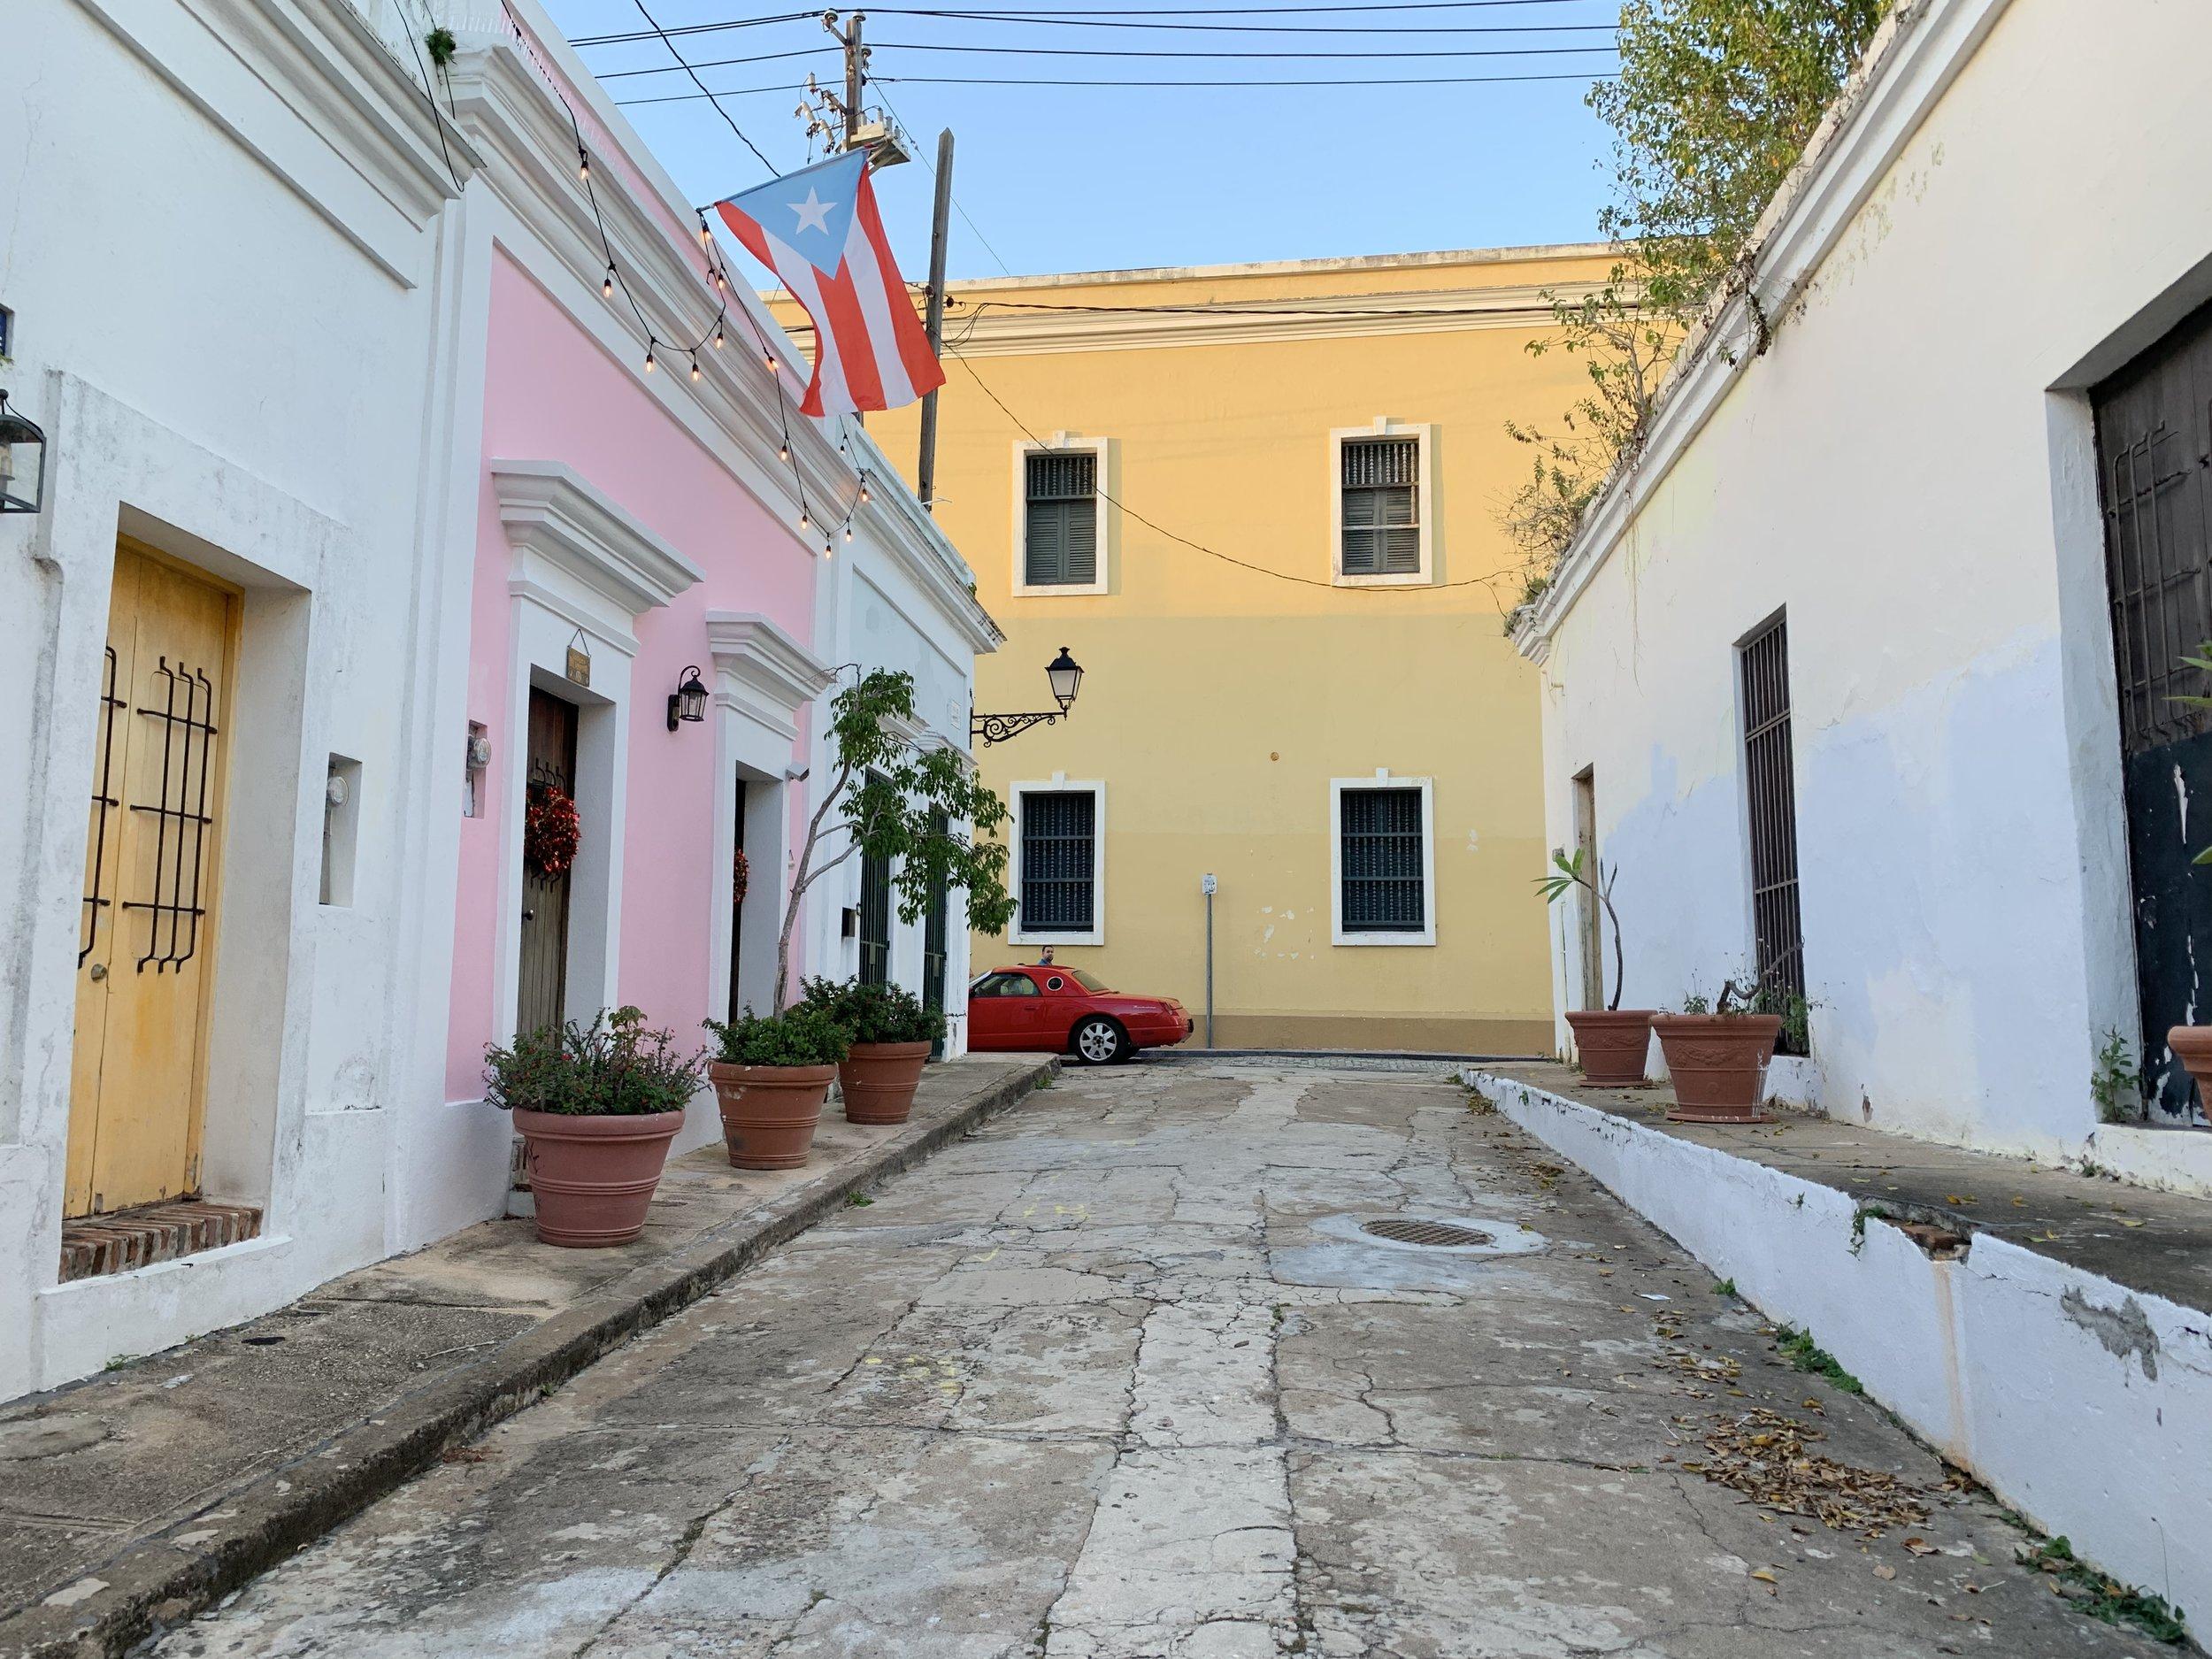 Alleyways of Old San Juan.